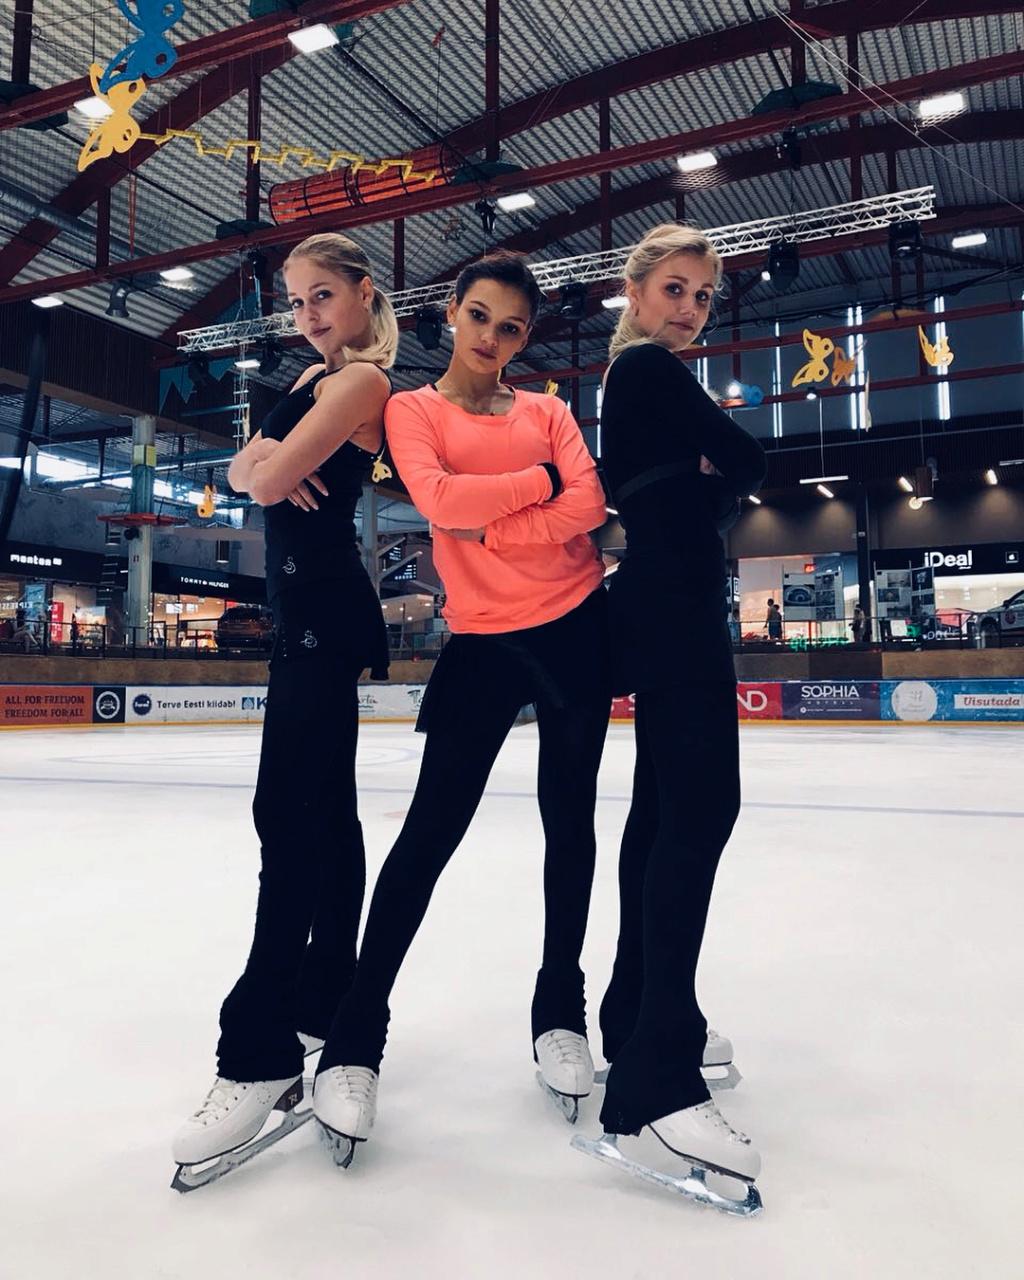 Группа Мишина - СДЮСШОР «Звёздный лёд» (Санкт-Петербург) - Страница 35 15332311